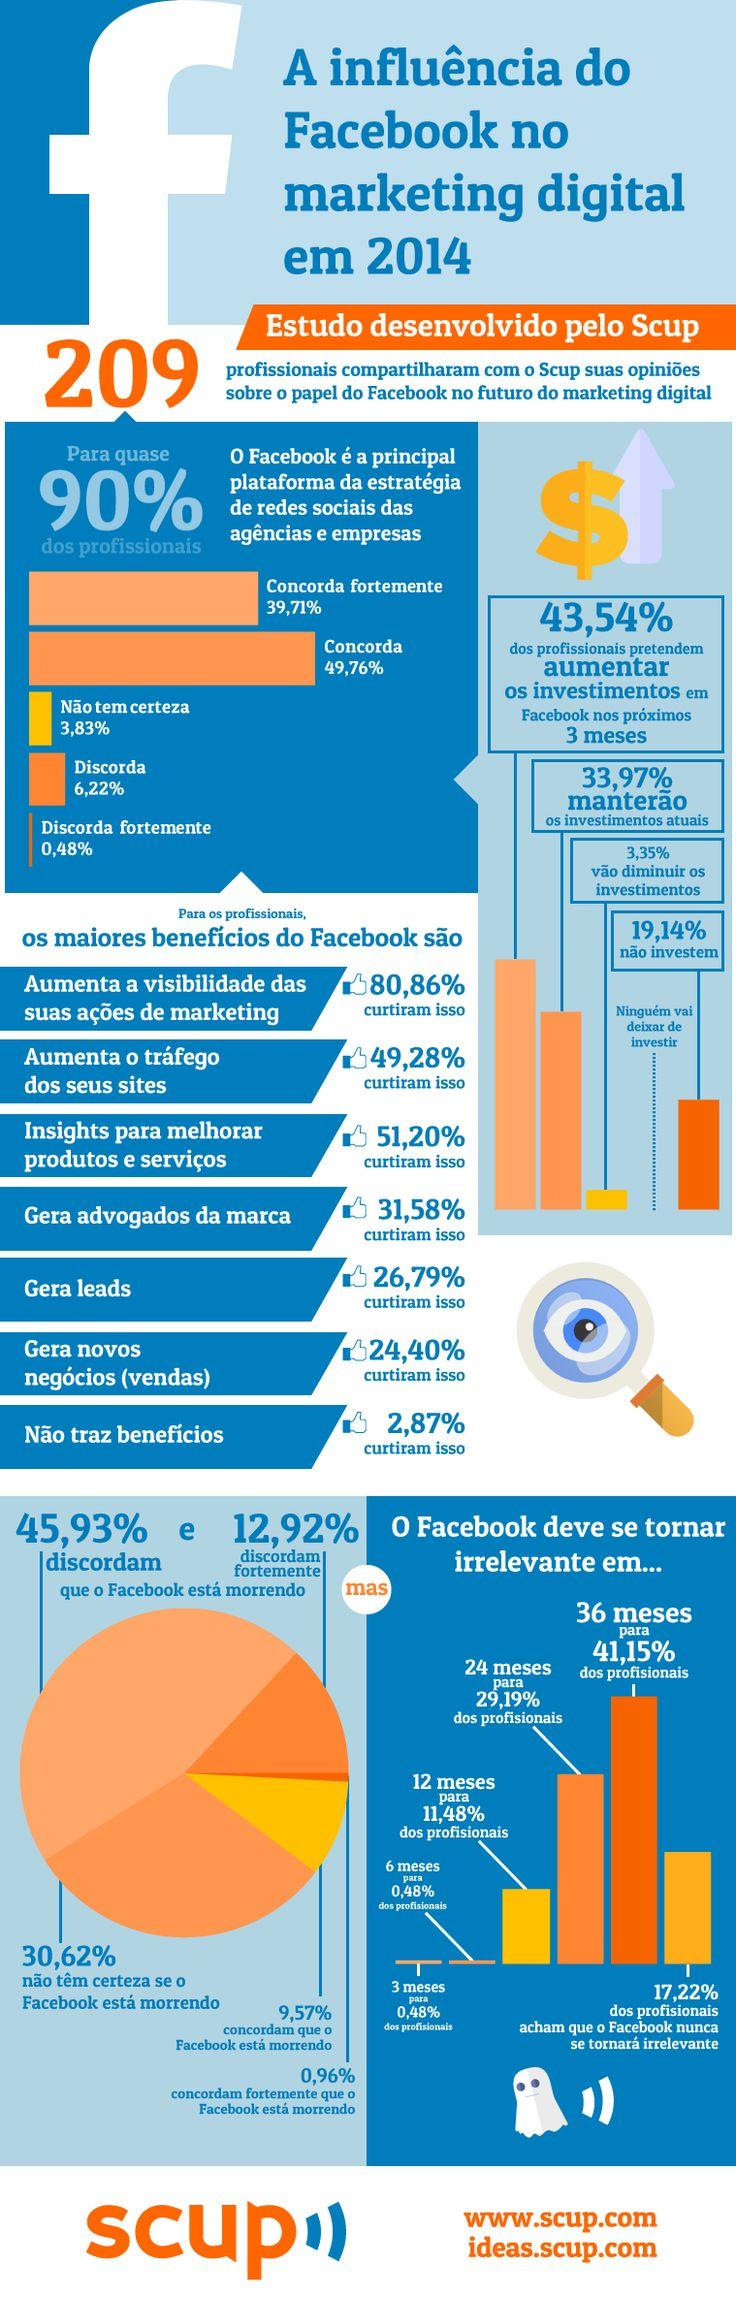 Você acha que o Facebook esta morrendo? Essa pergunta foi feita a 209 profissionais da área de marketing/comunicação e chegou a alguns dados bem interessantes. Fonte: Scup